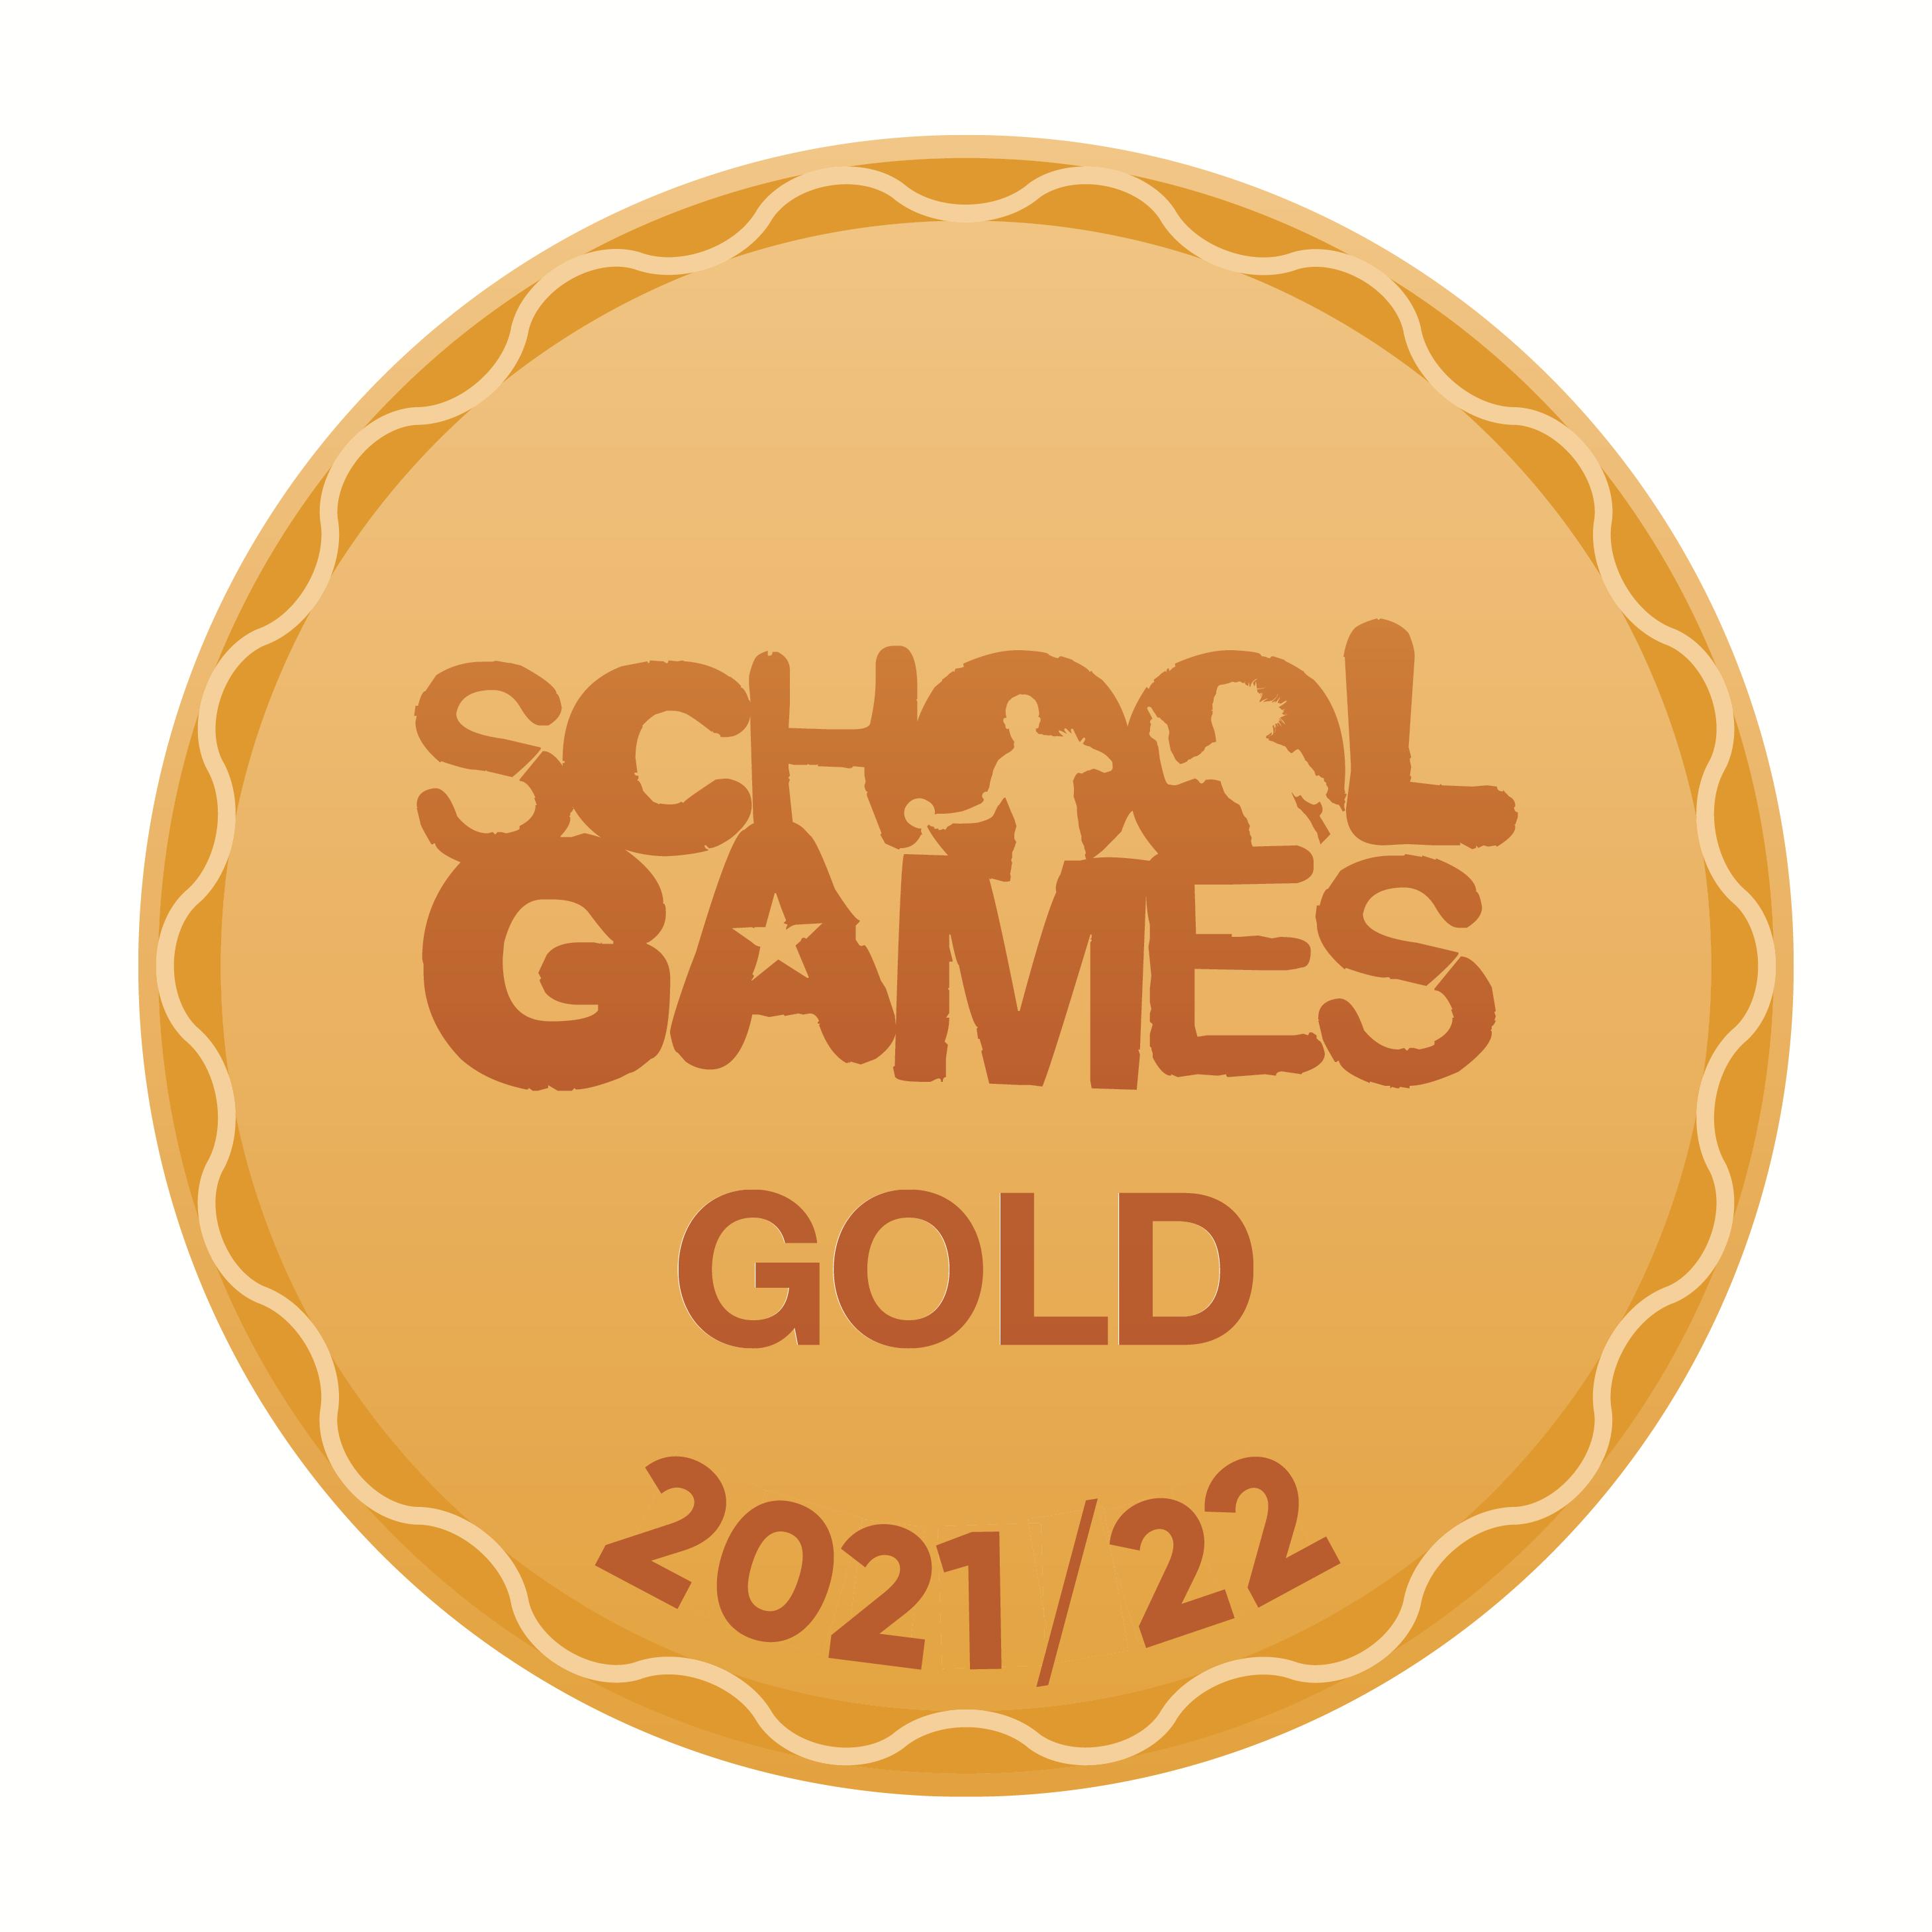 School Games: Silver